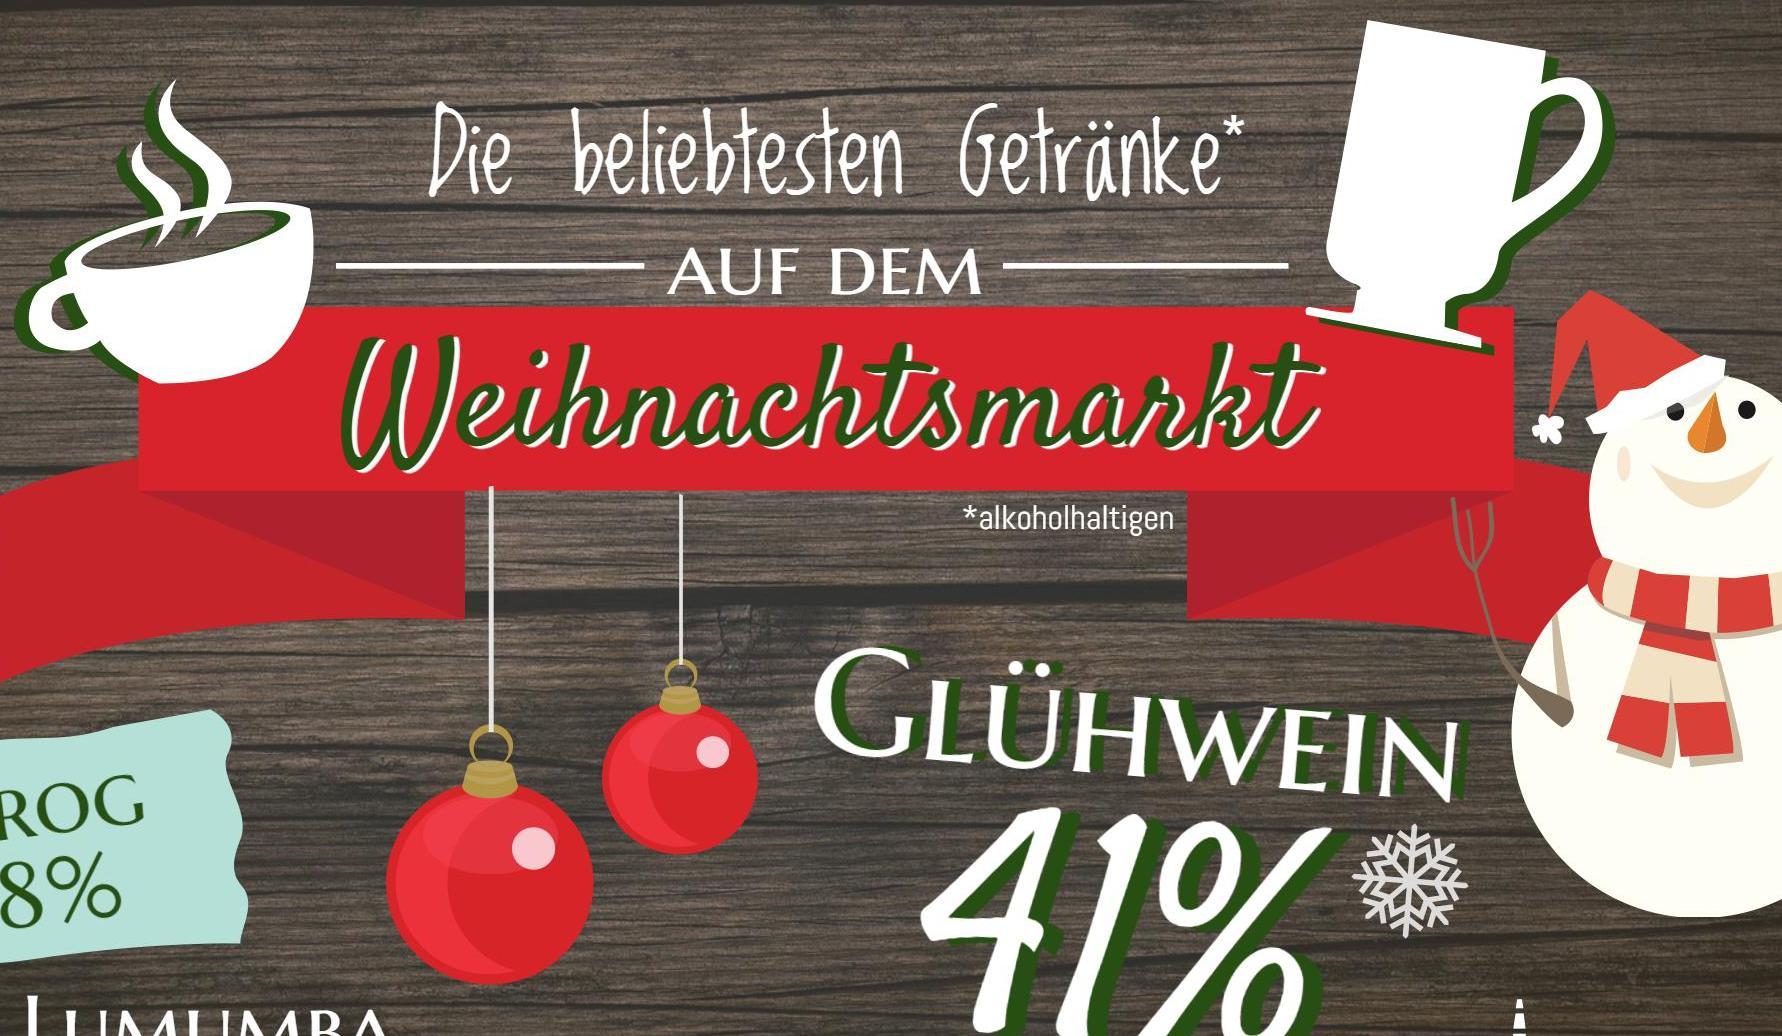 Die beliebtesten Getränke auf dem Weihnachtsmarkt | BERLIN ICK LIEBE DIR